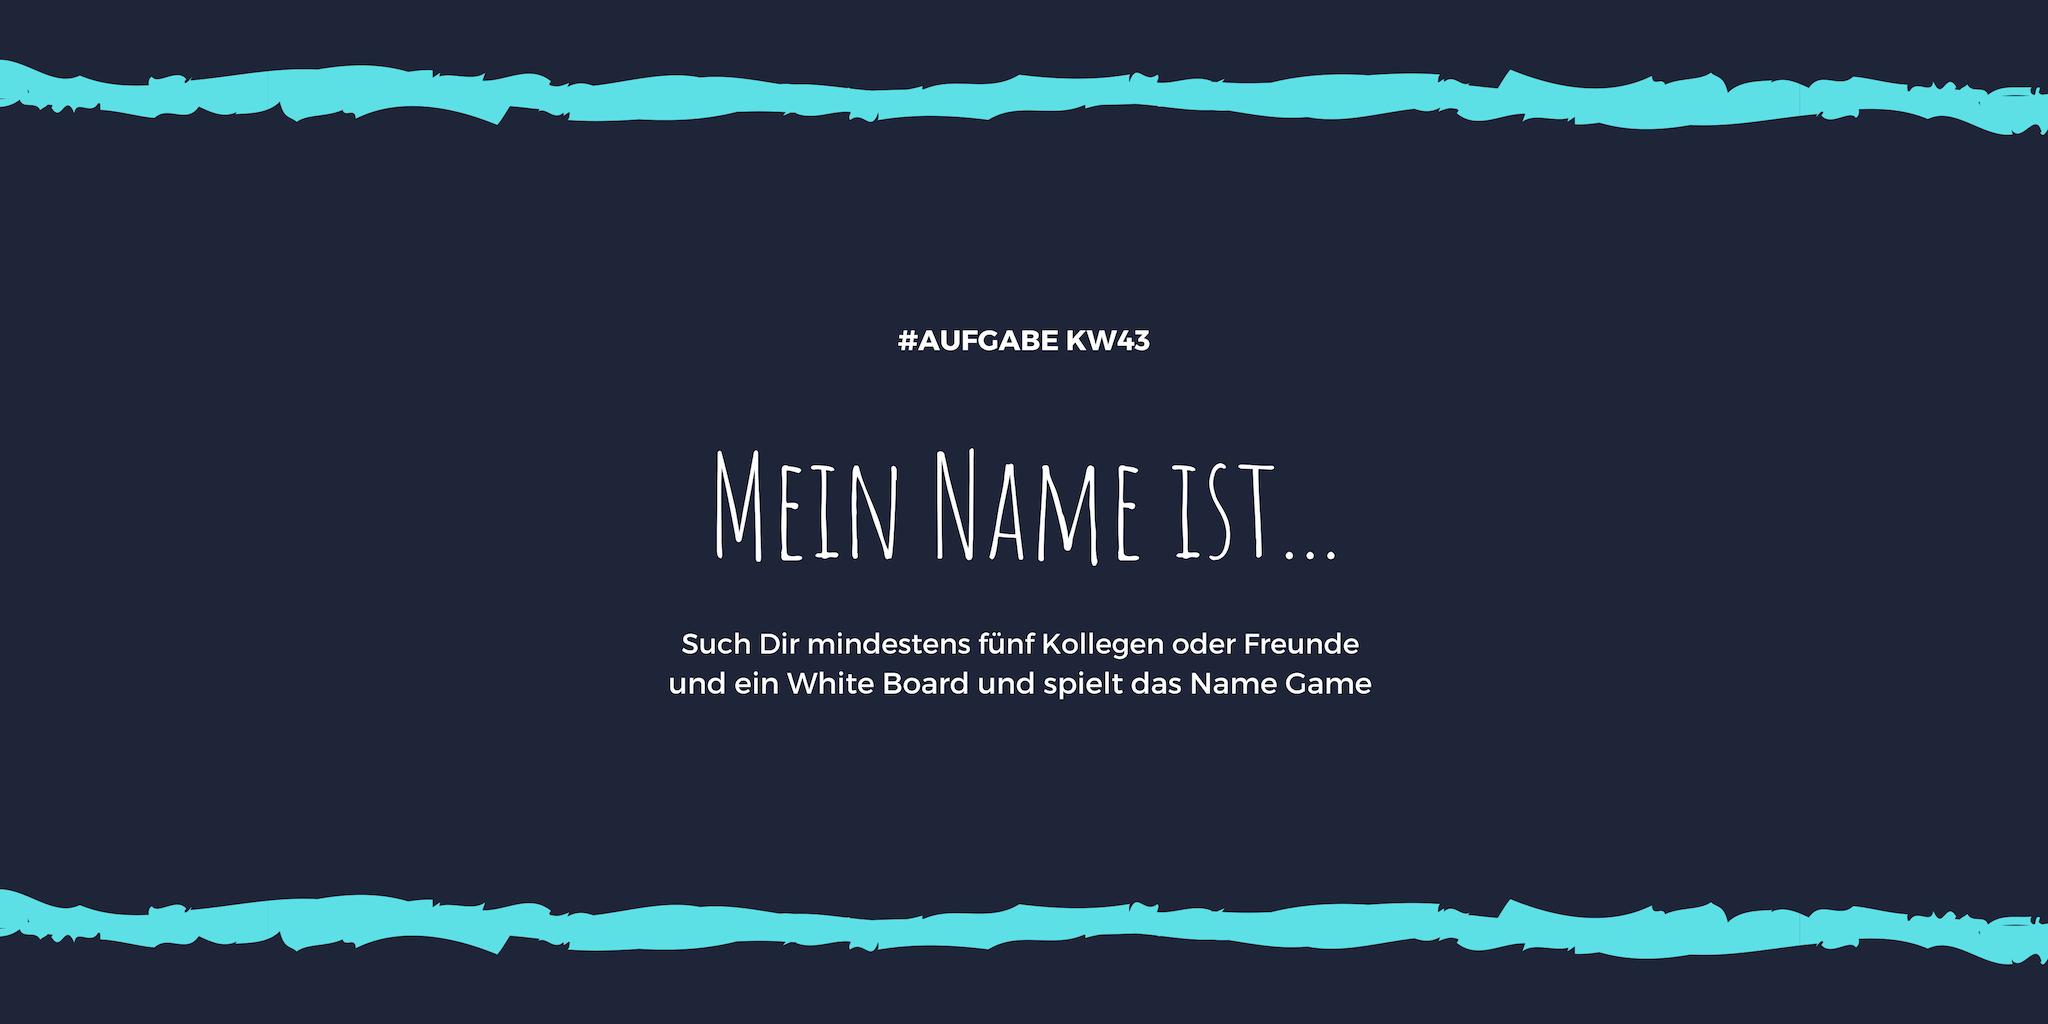 KW43 - Meine Name ist